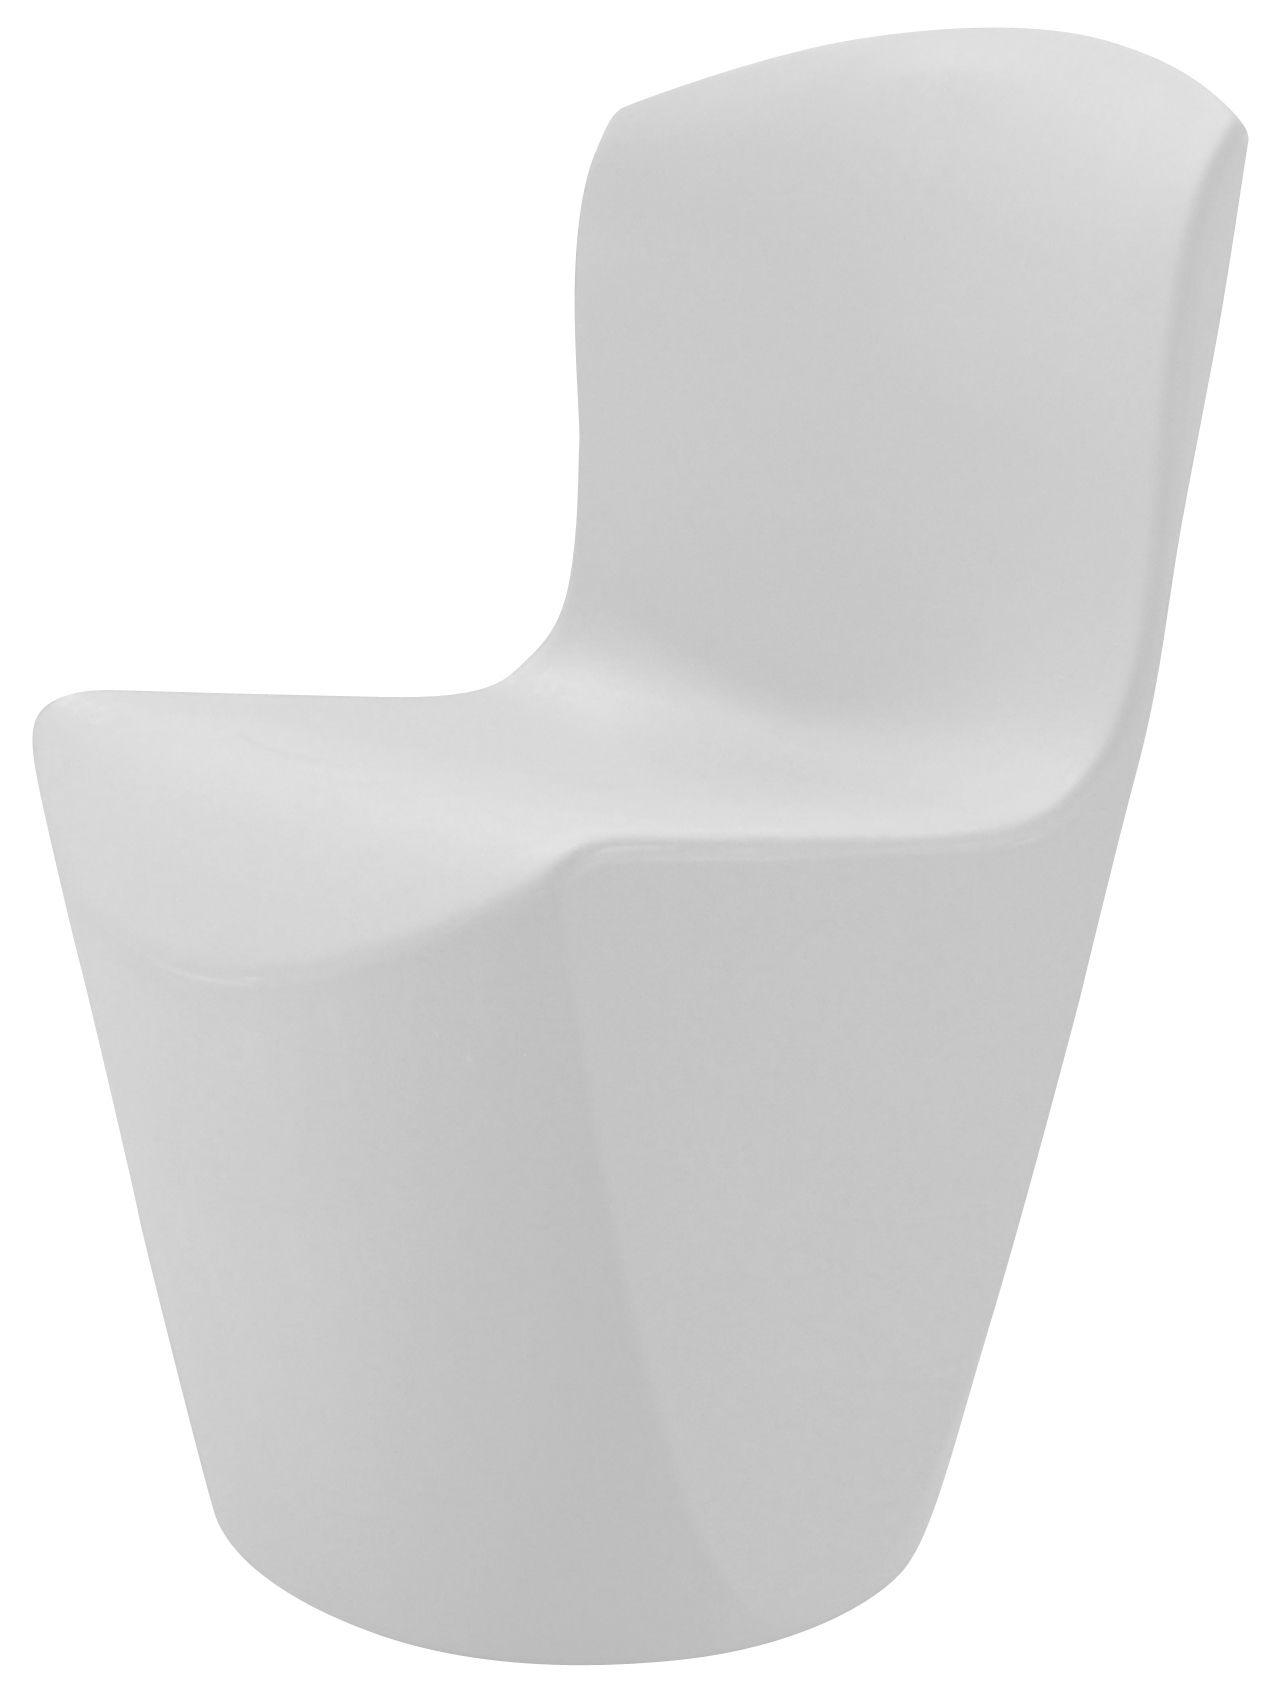 Möbel - Stühle  - Zoe Stuhl - Slide - Weiß - Polyäthylen